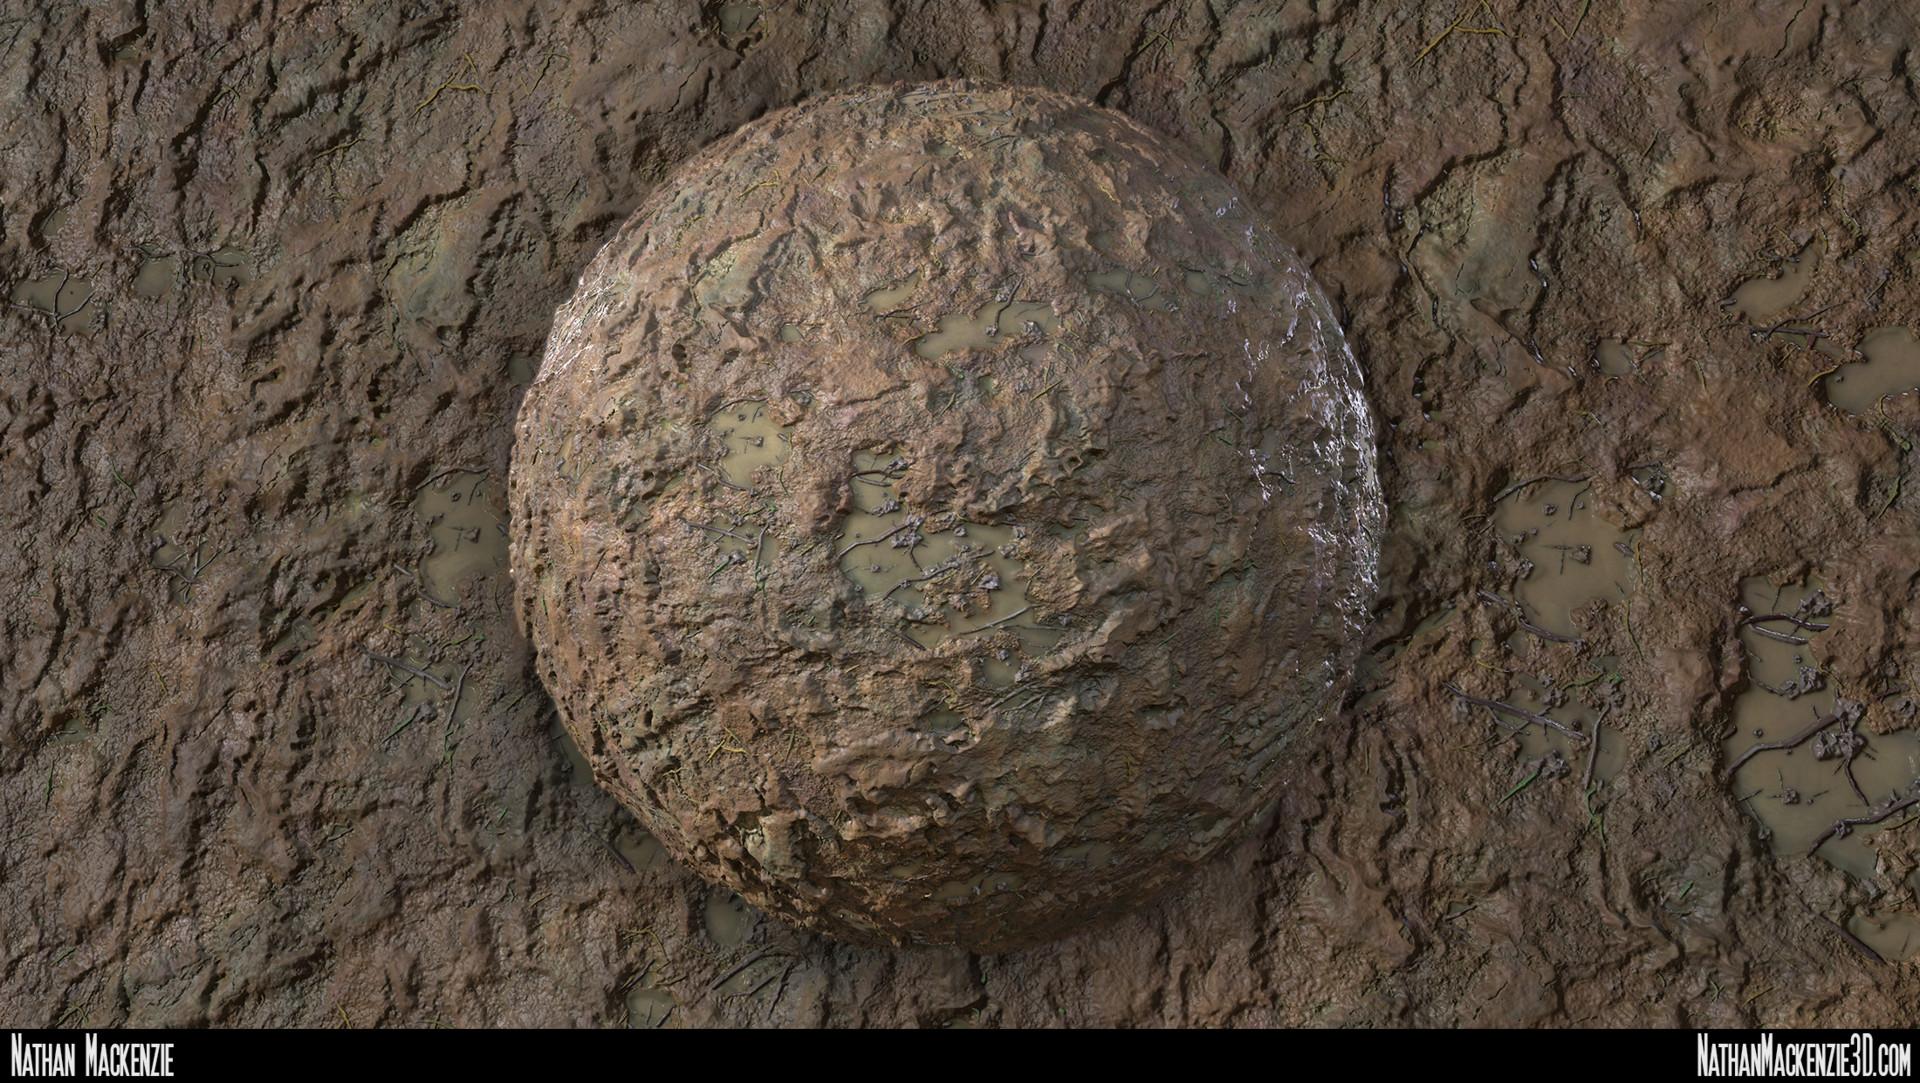 Nathan mackenzie sphere